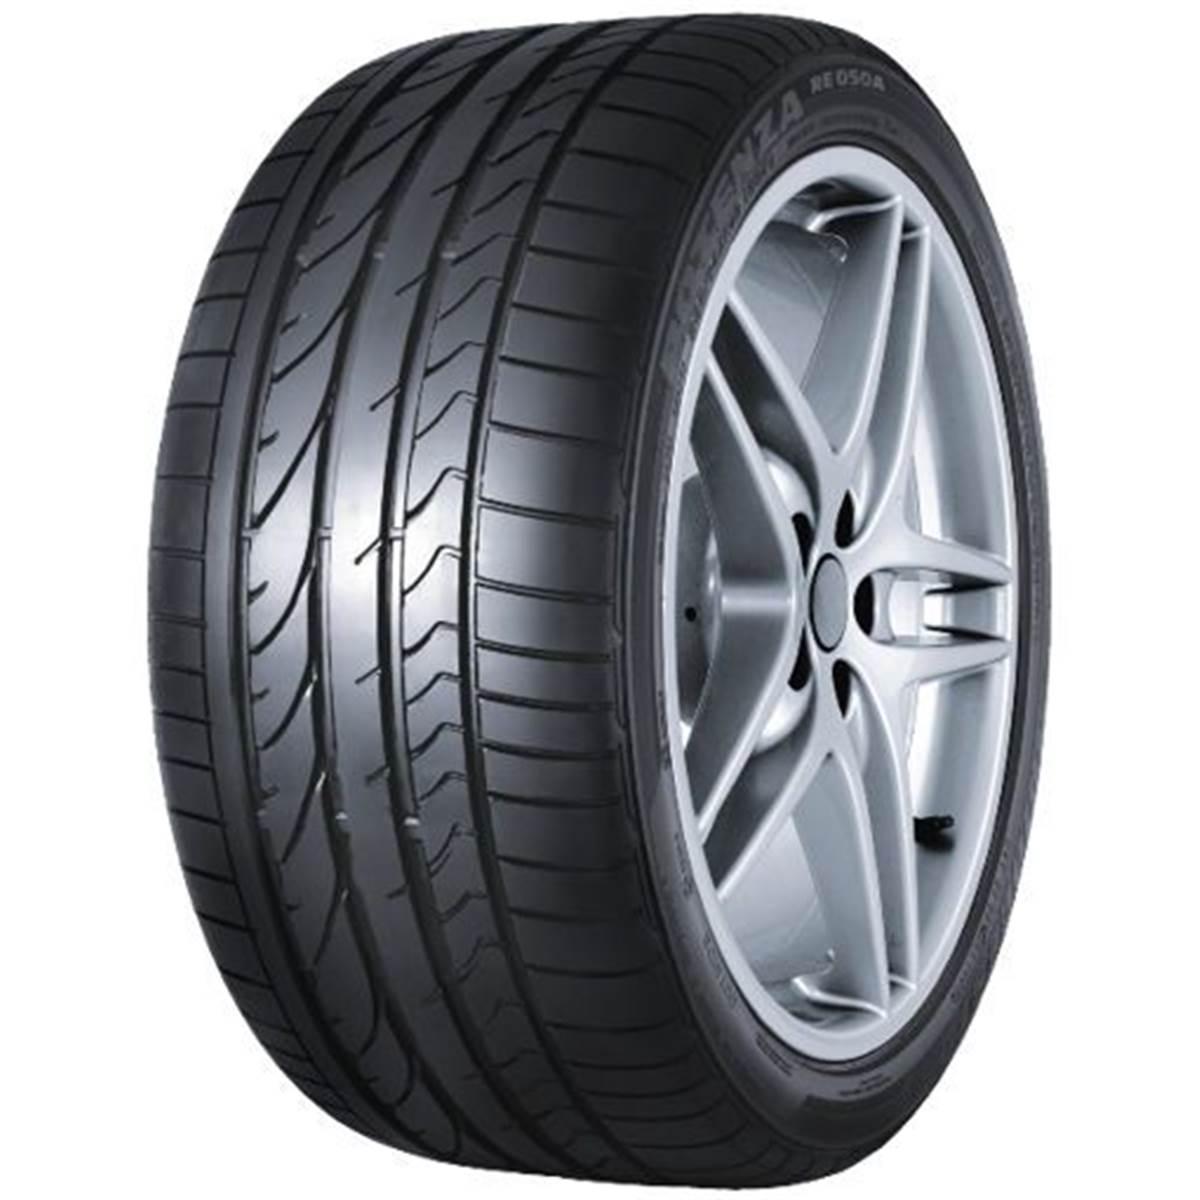 Pneu Bridgestone 235/45R17 94W Potenza Re050A homologué Mercedes